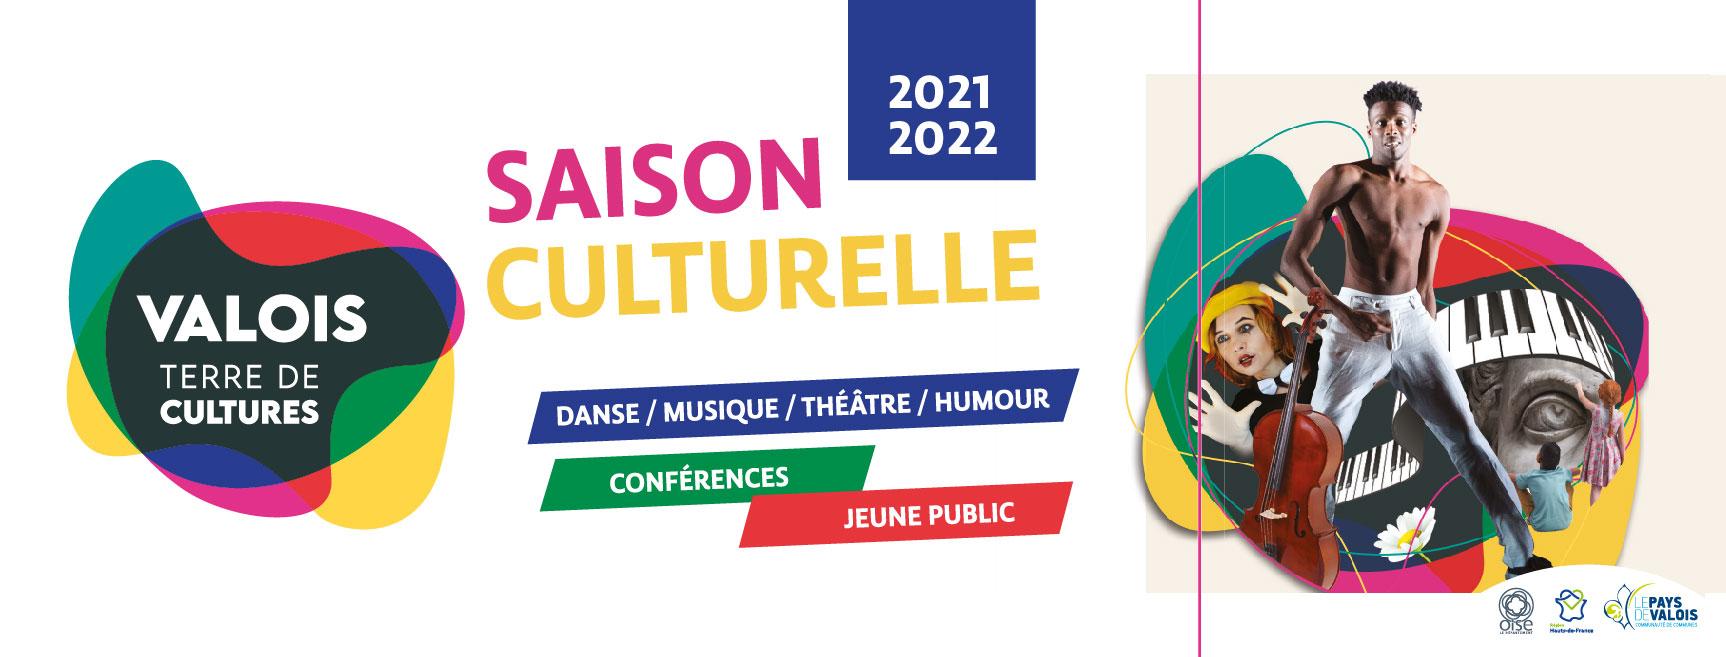 Valois terre de culture rs_Facebook – Photo de couverture – 828x315